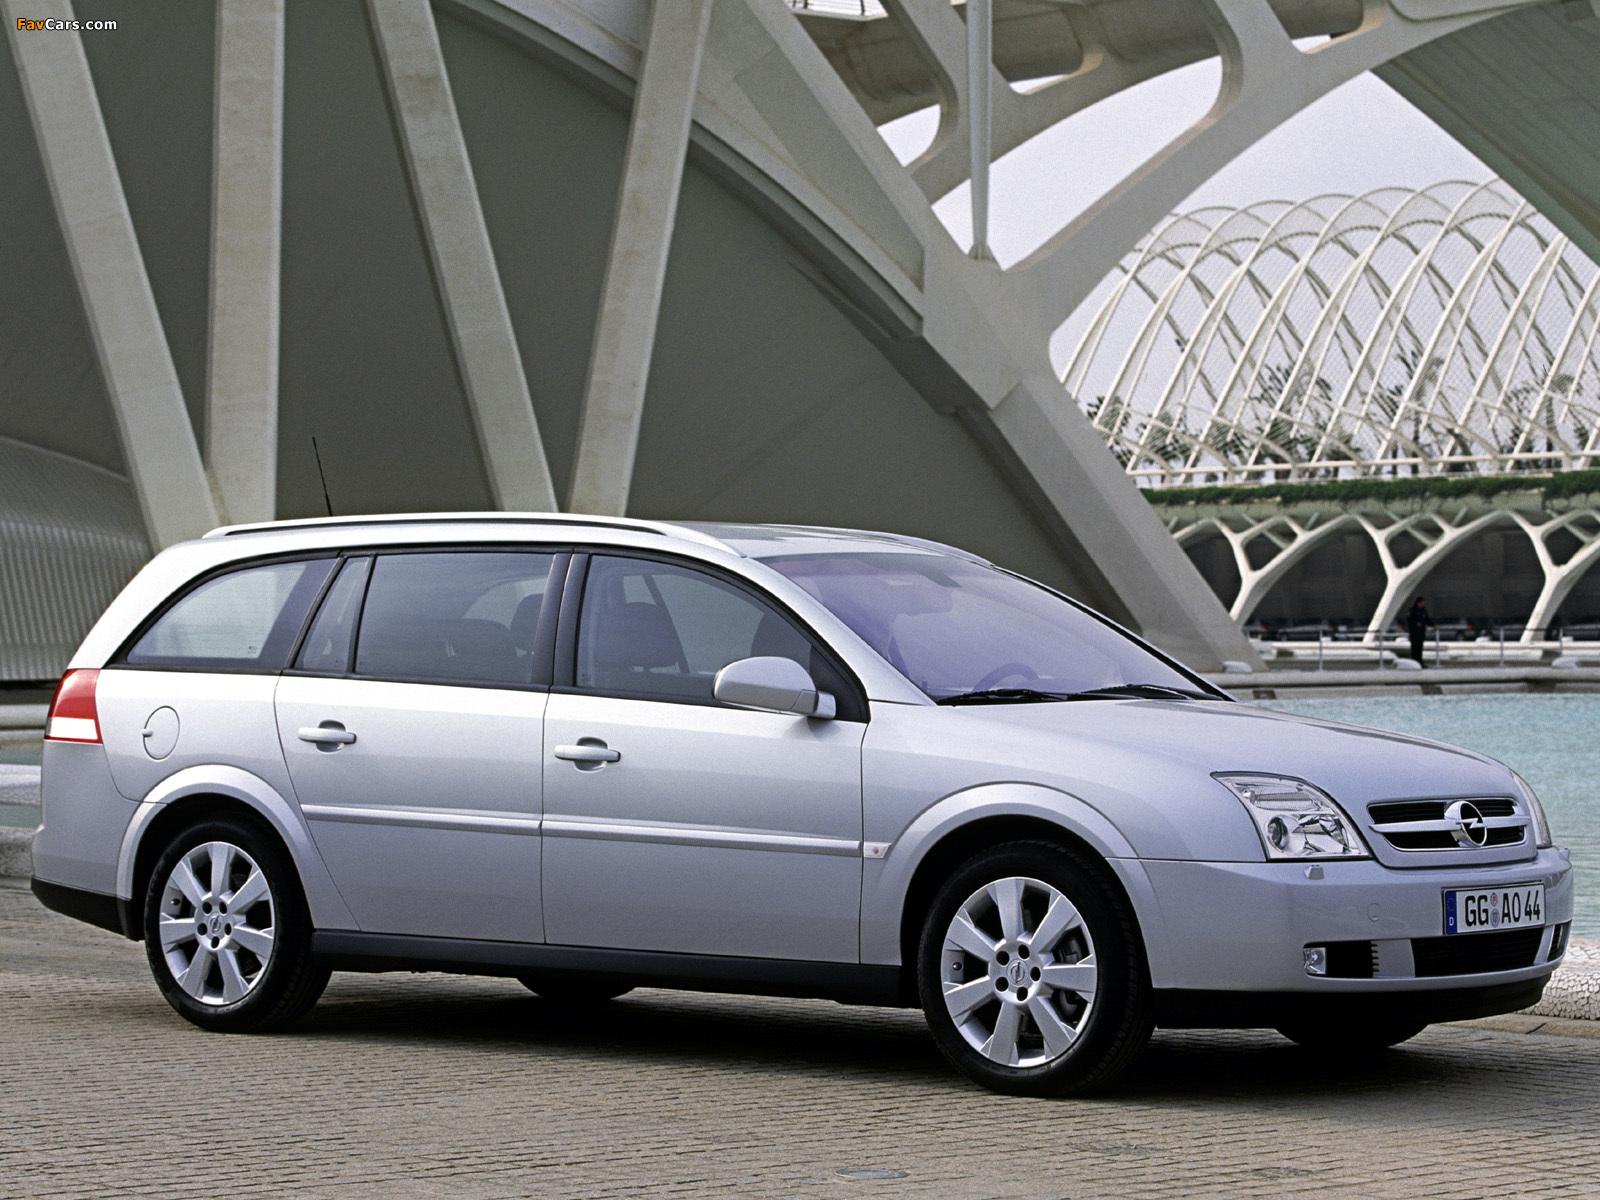 Wallpapers of opel vectra caravan c 2003 05 1600x1200 for Opel vectra c salonas